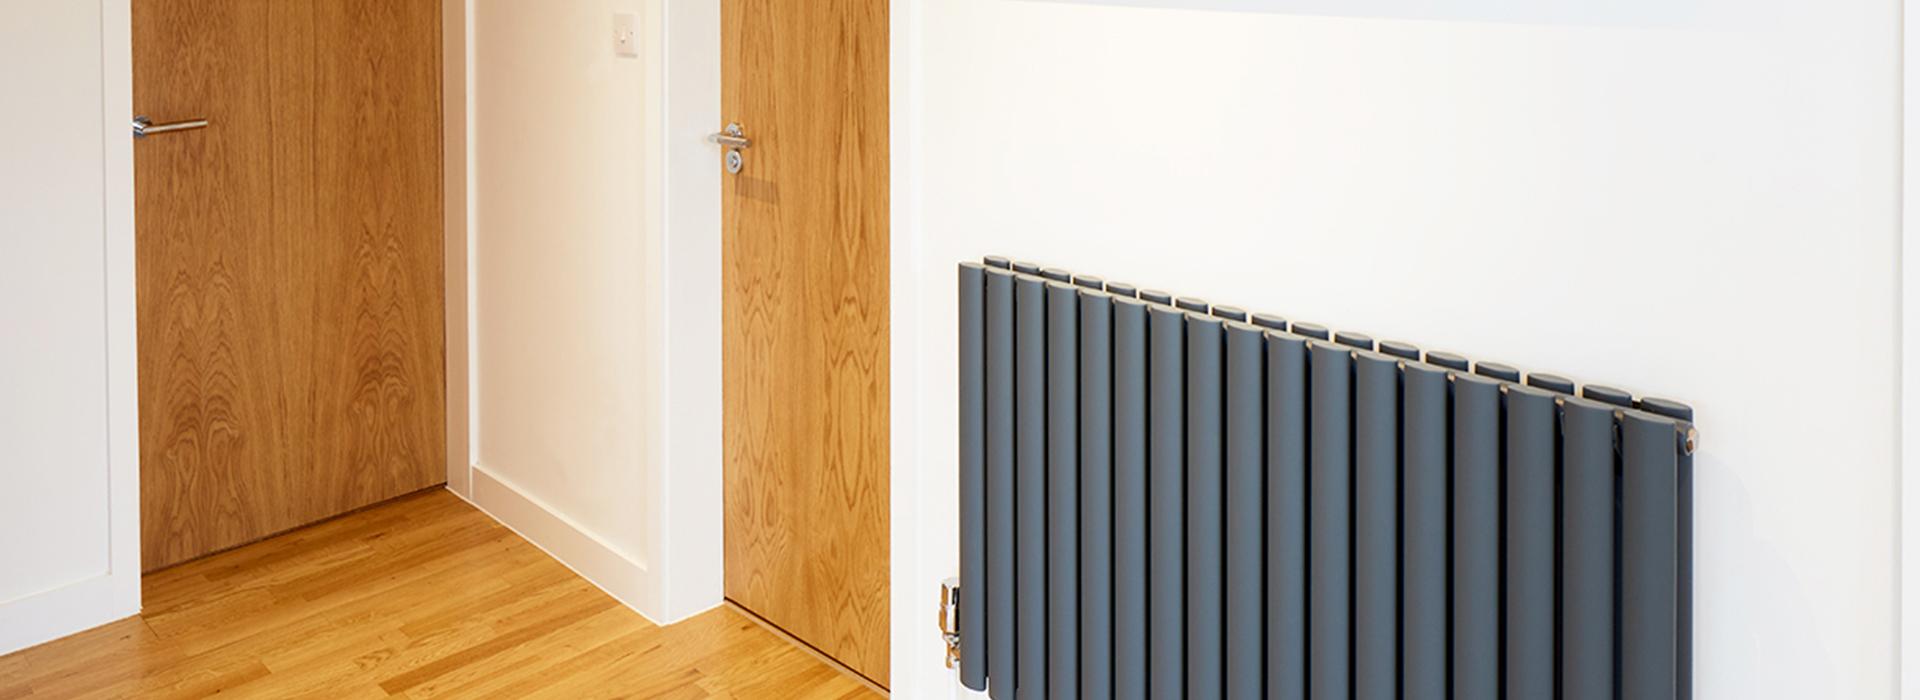 Matte black radiator